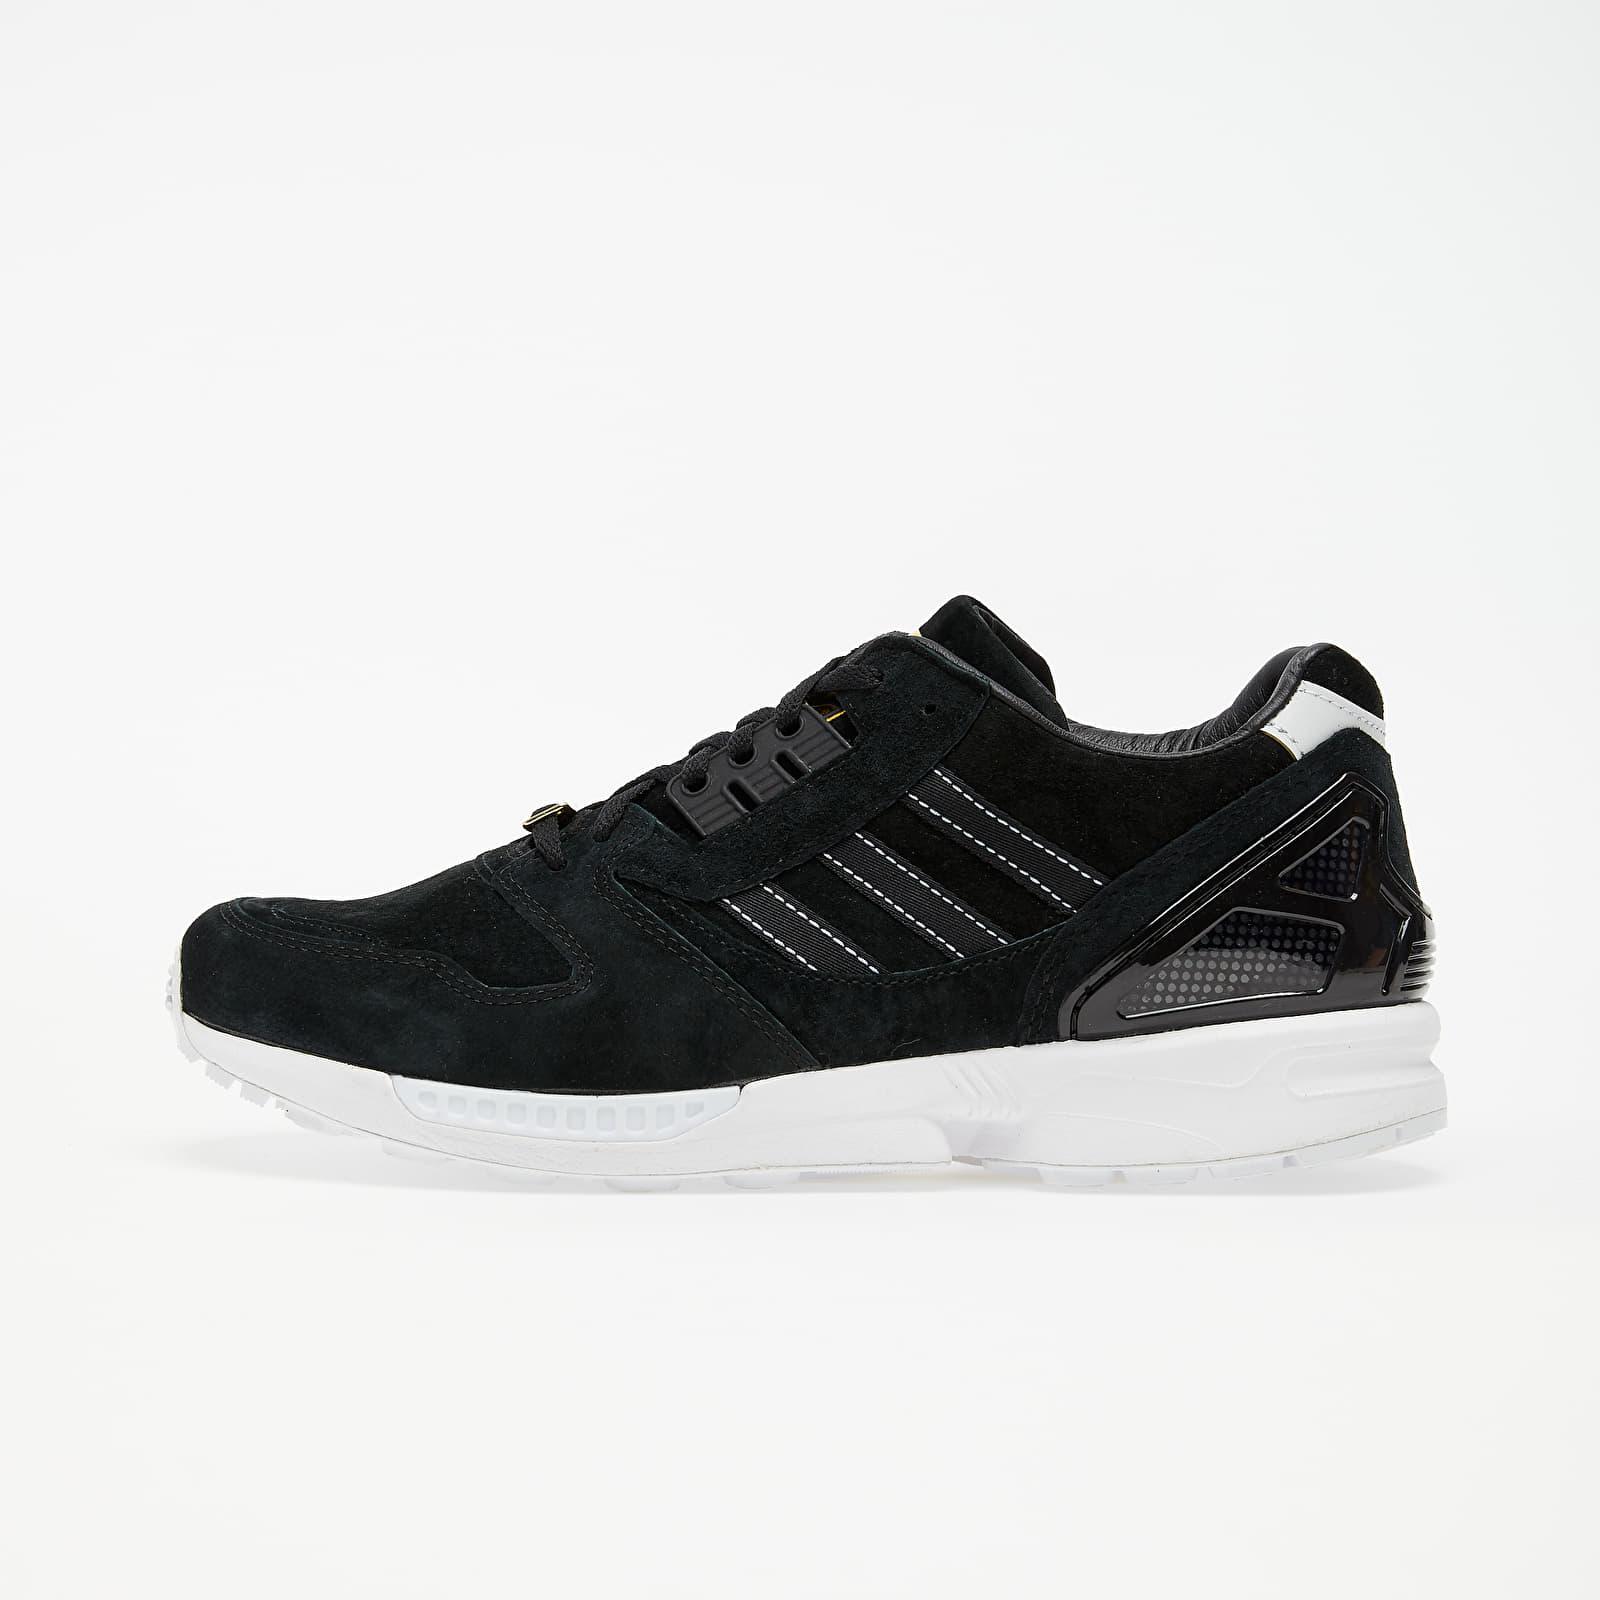 Scarpe e sneaker da uomo adidas ZX 8000 Core Black/ Core Black/ Ftw White